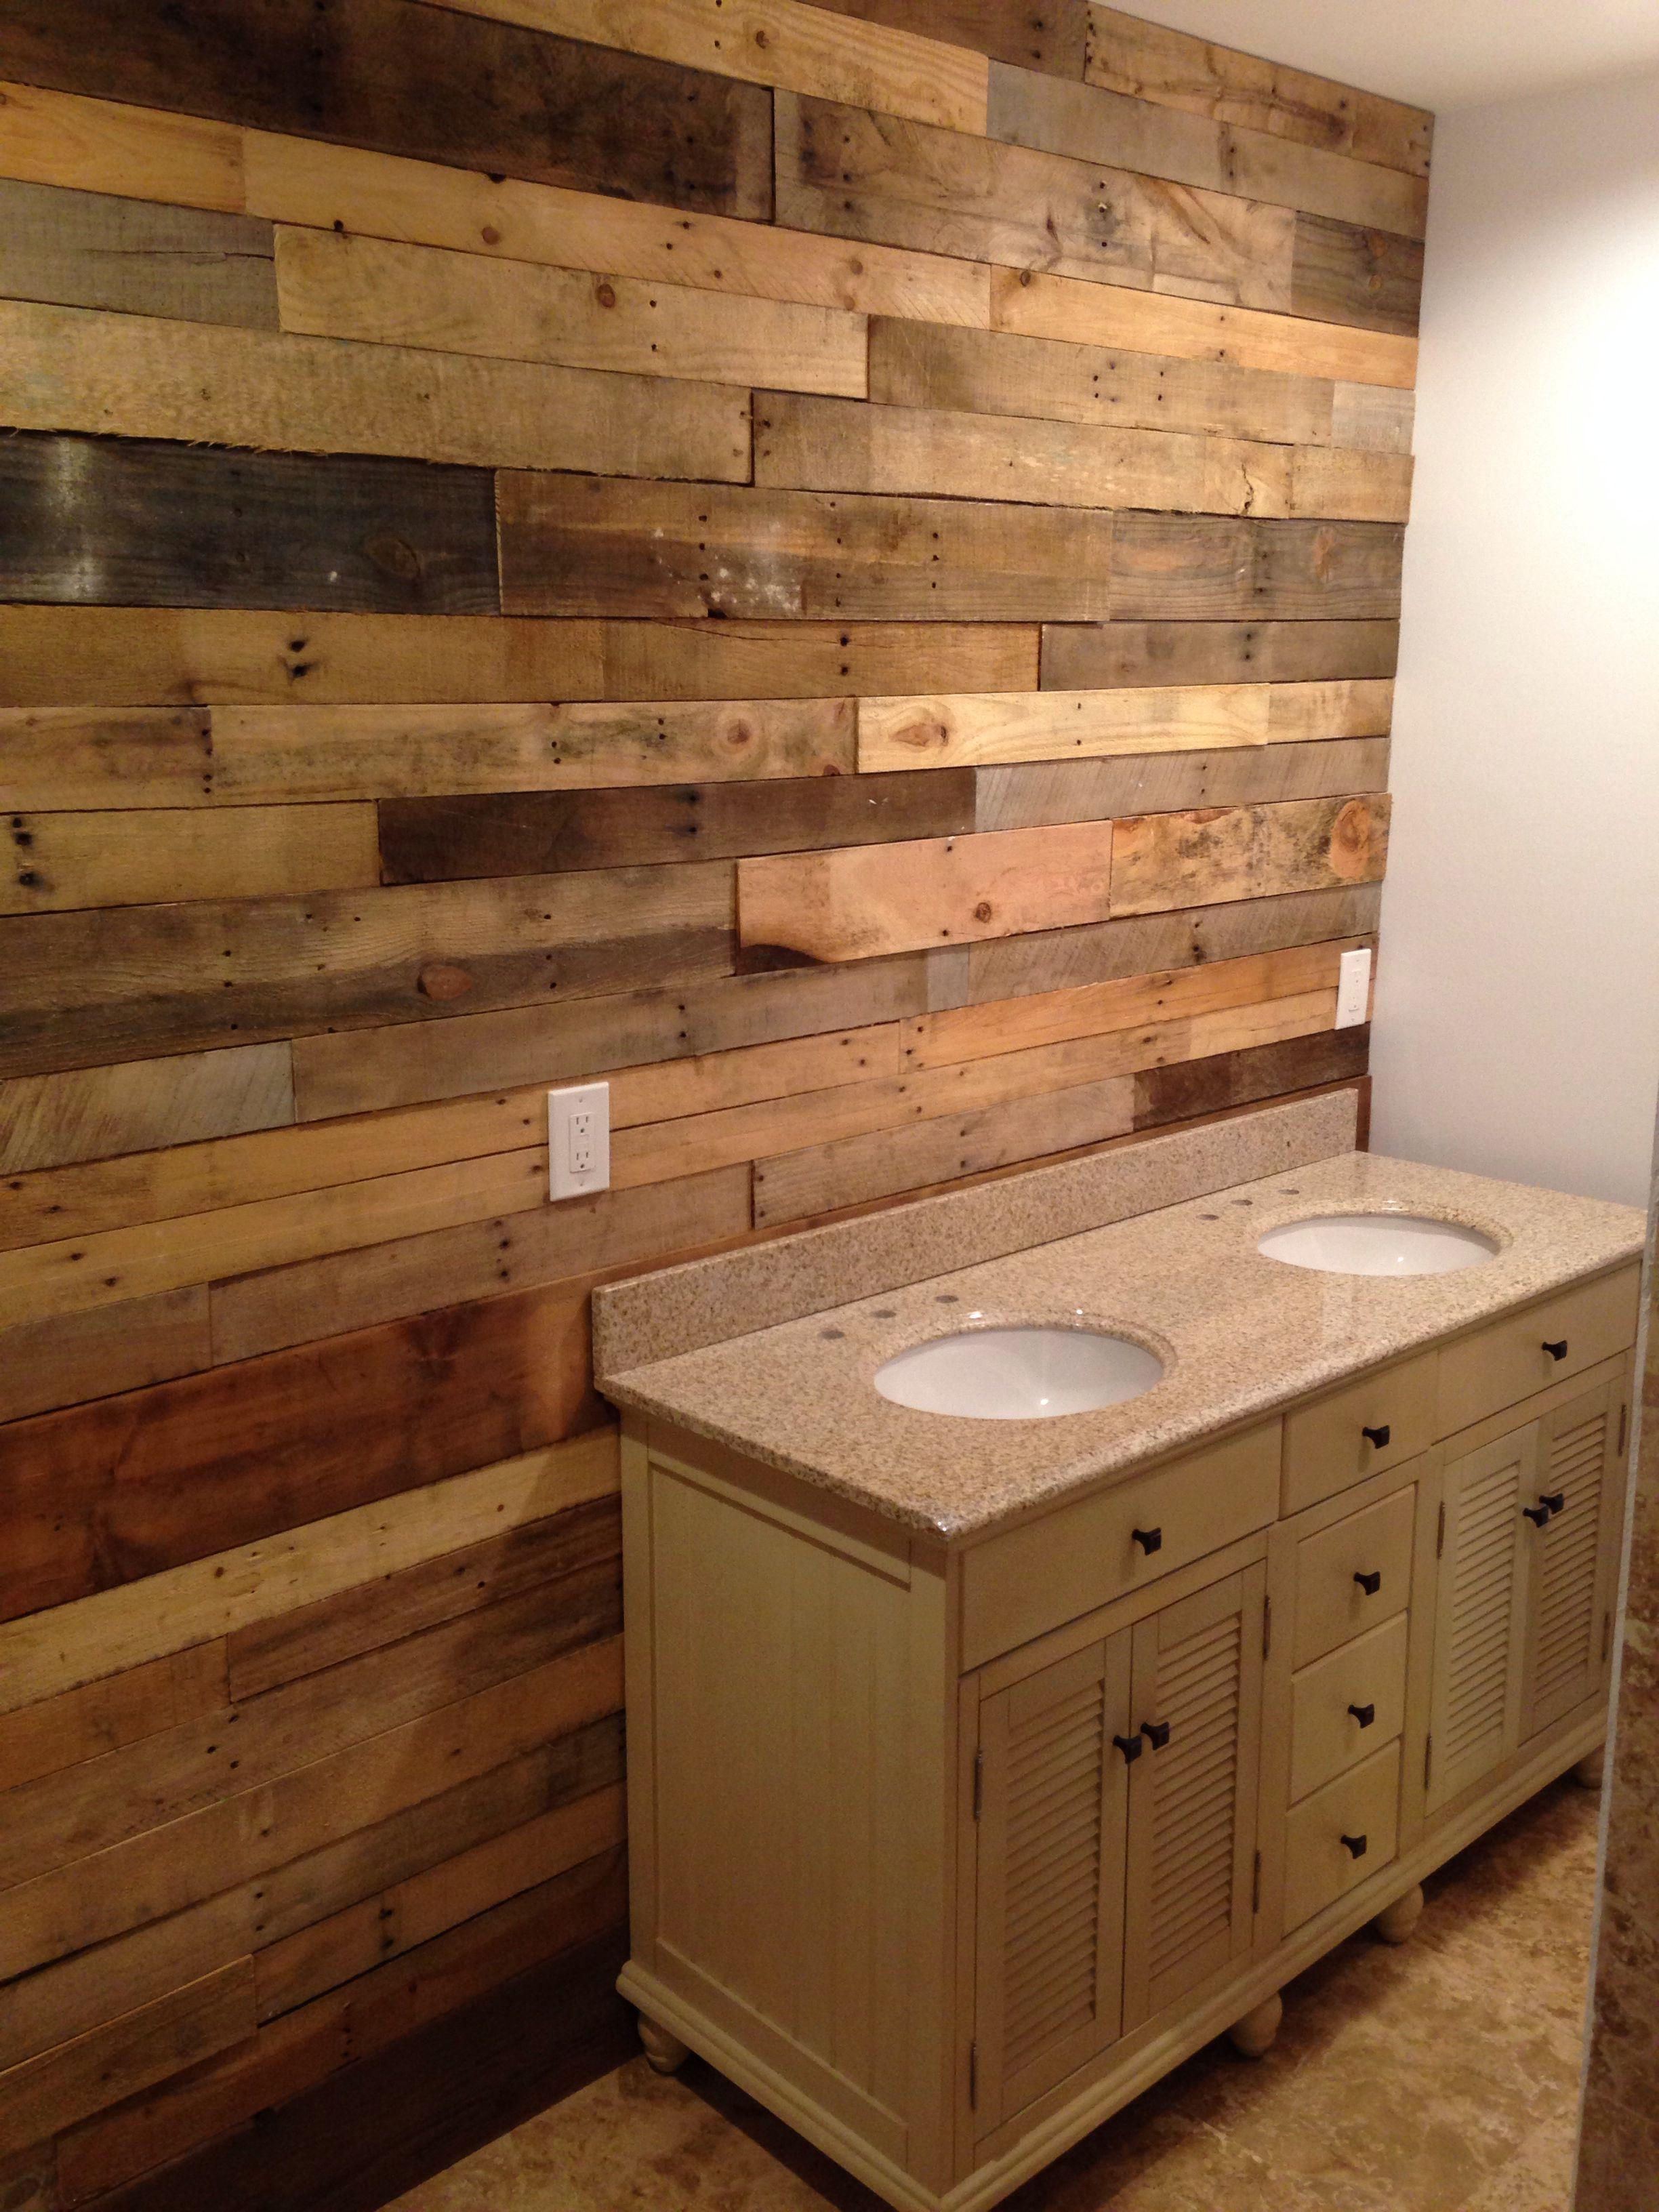 Pallet Wall Bathroom Diy Pallet Wall Paneling Pallet Bedroom Walls Diy Tutorial Pallet